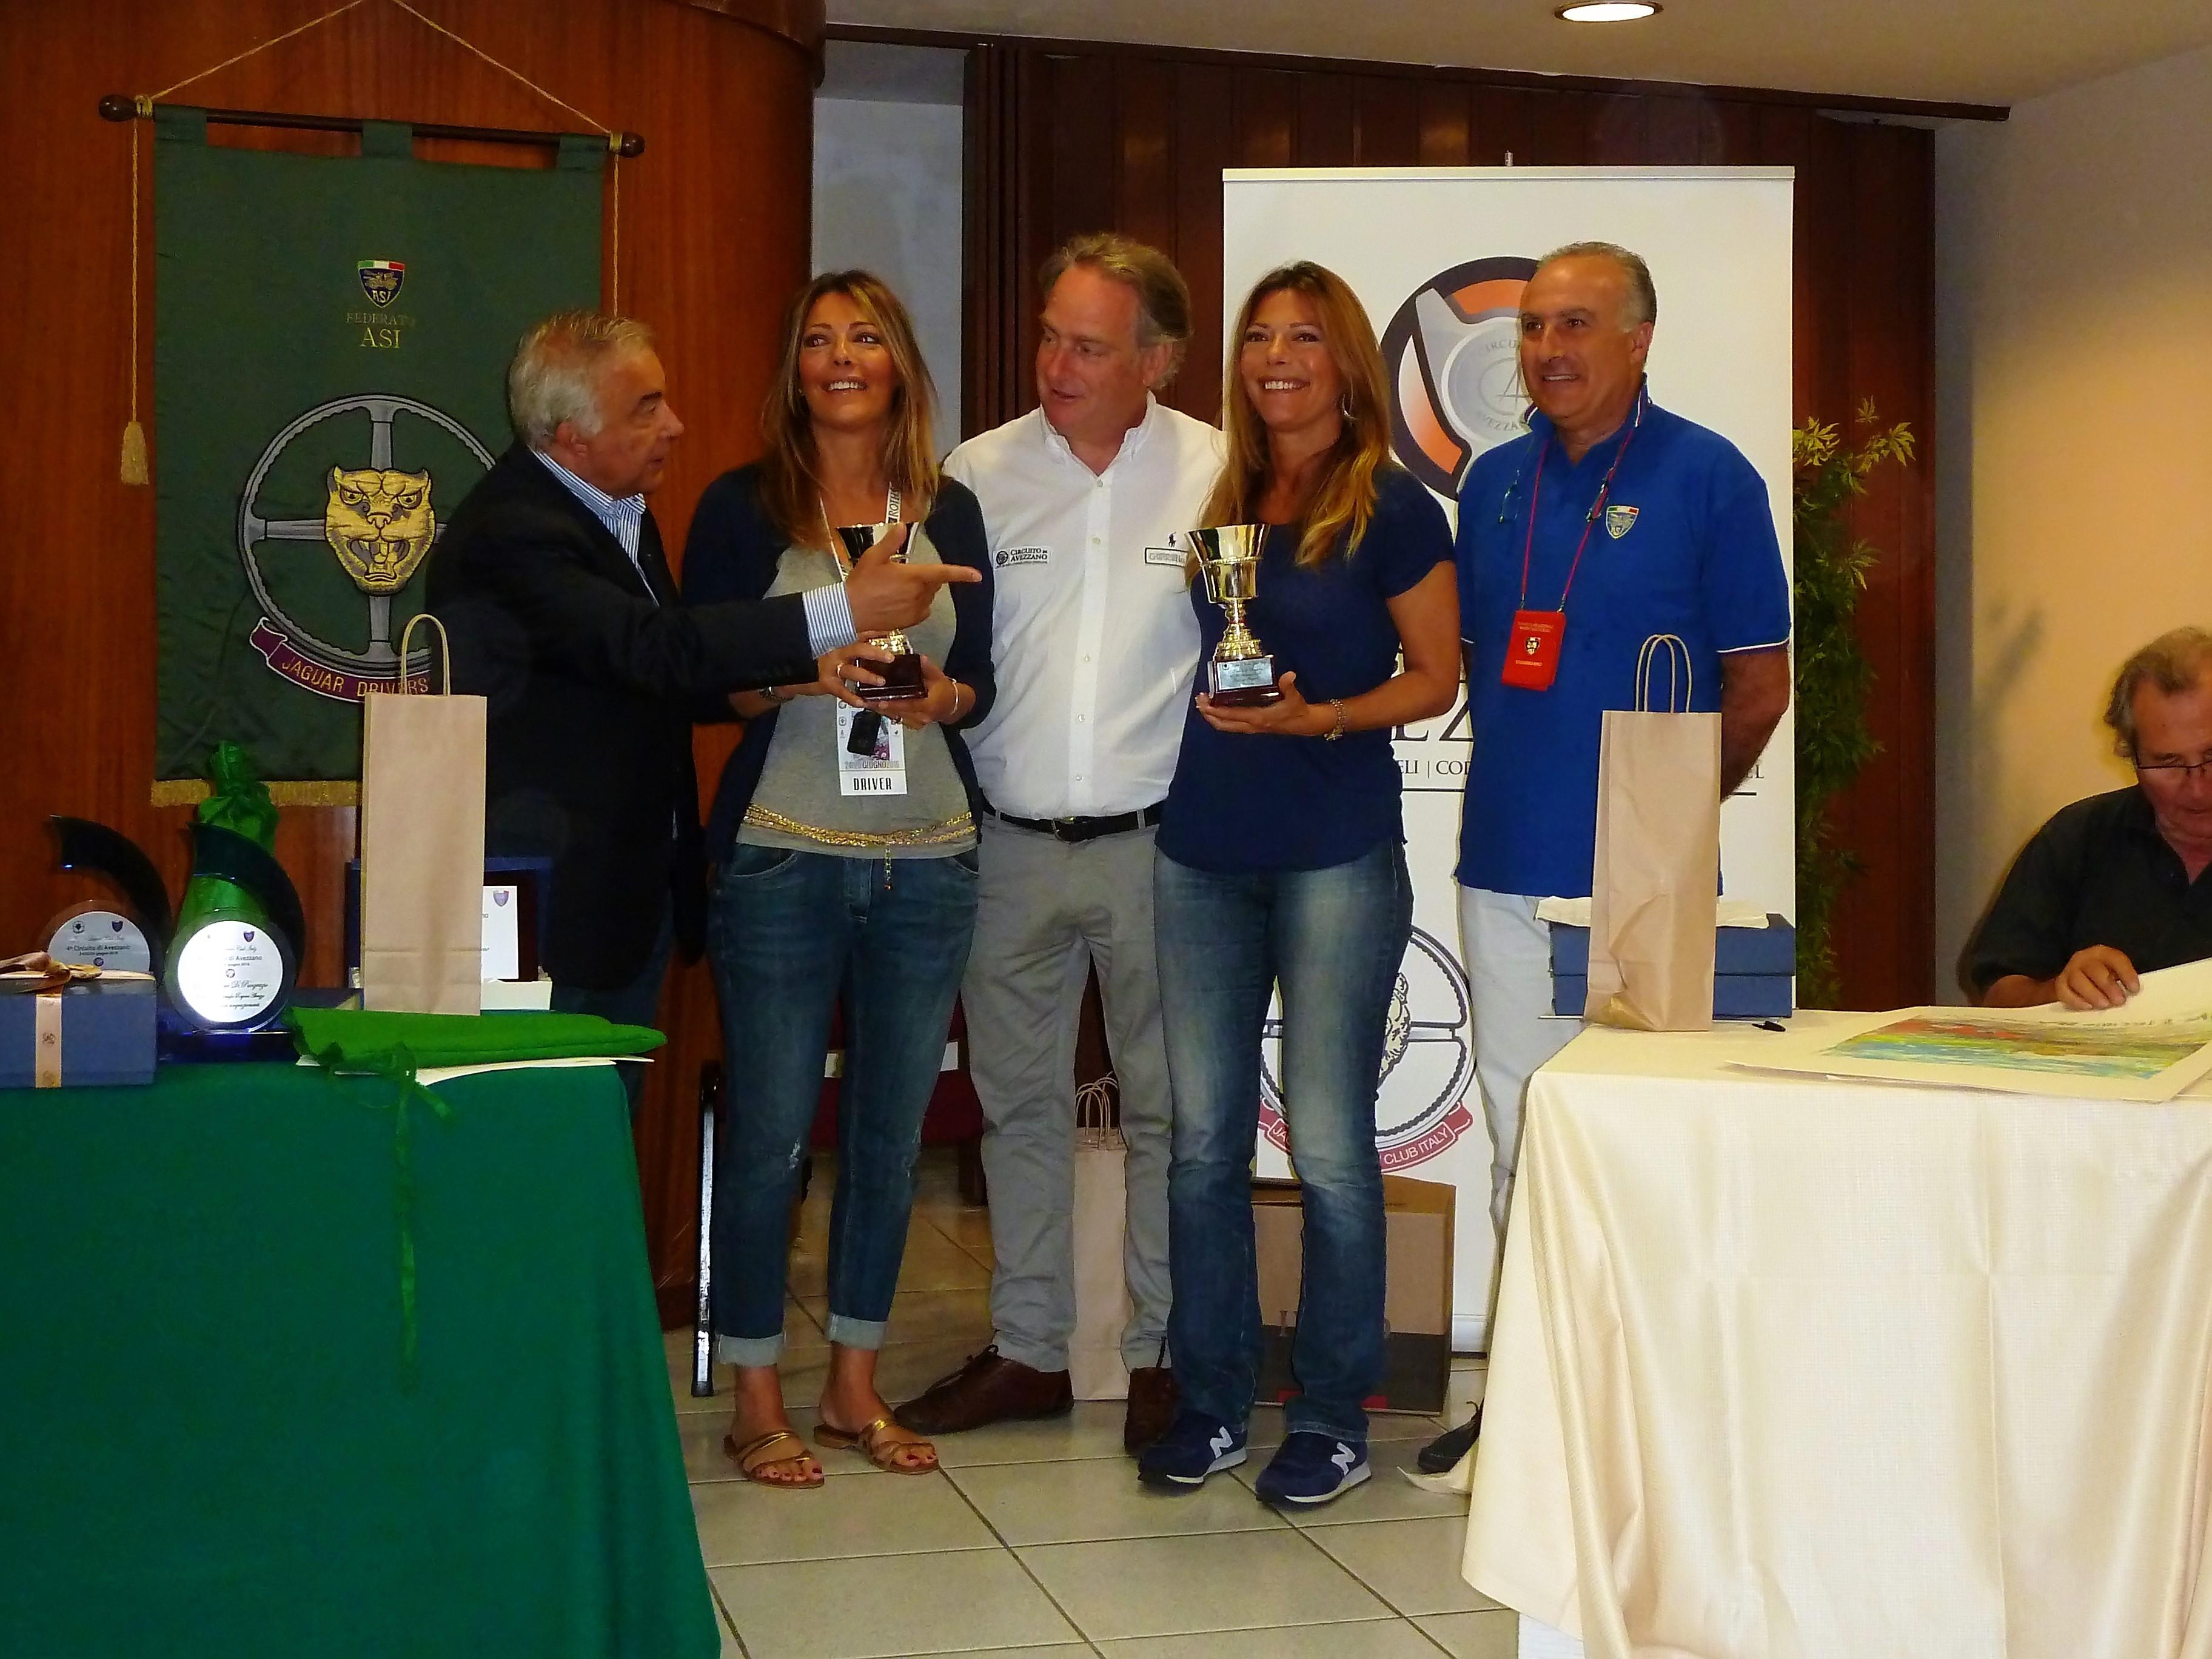 4th Circuito Di Avezzano (386)